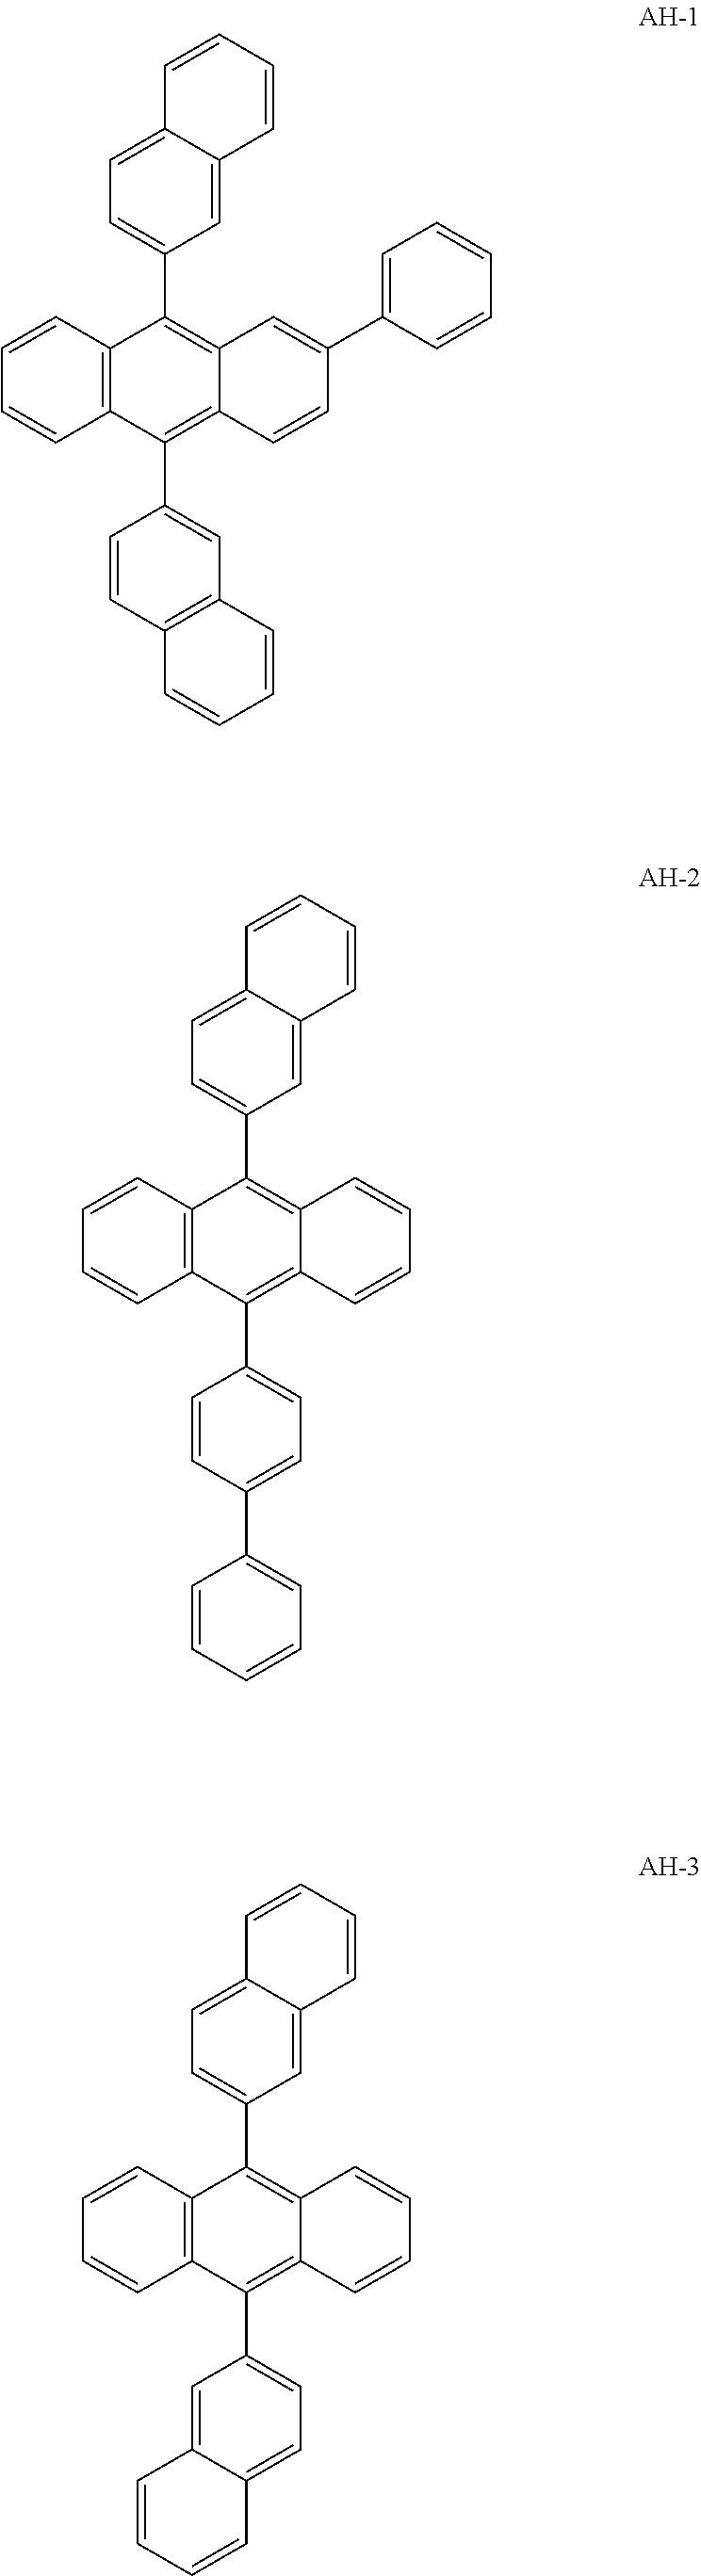 Figure US20110018429A1-20110127-C00004